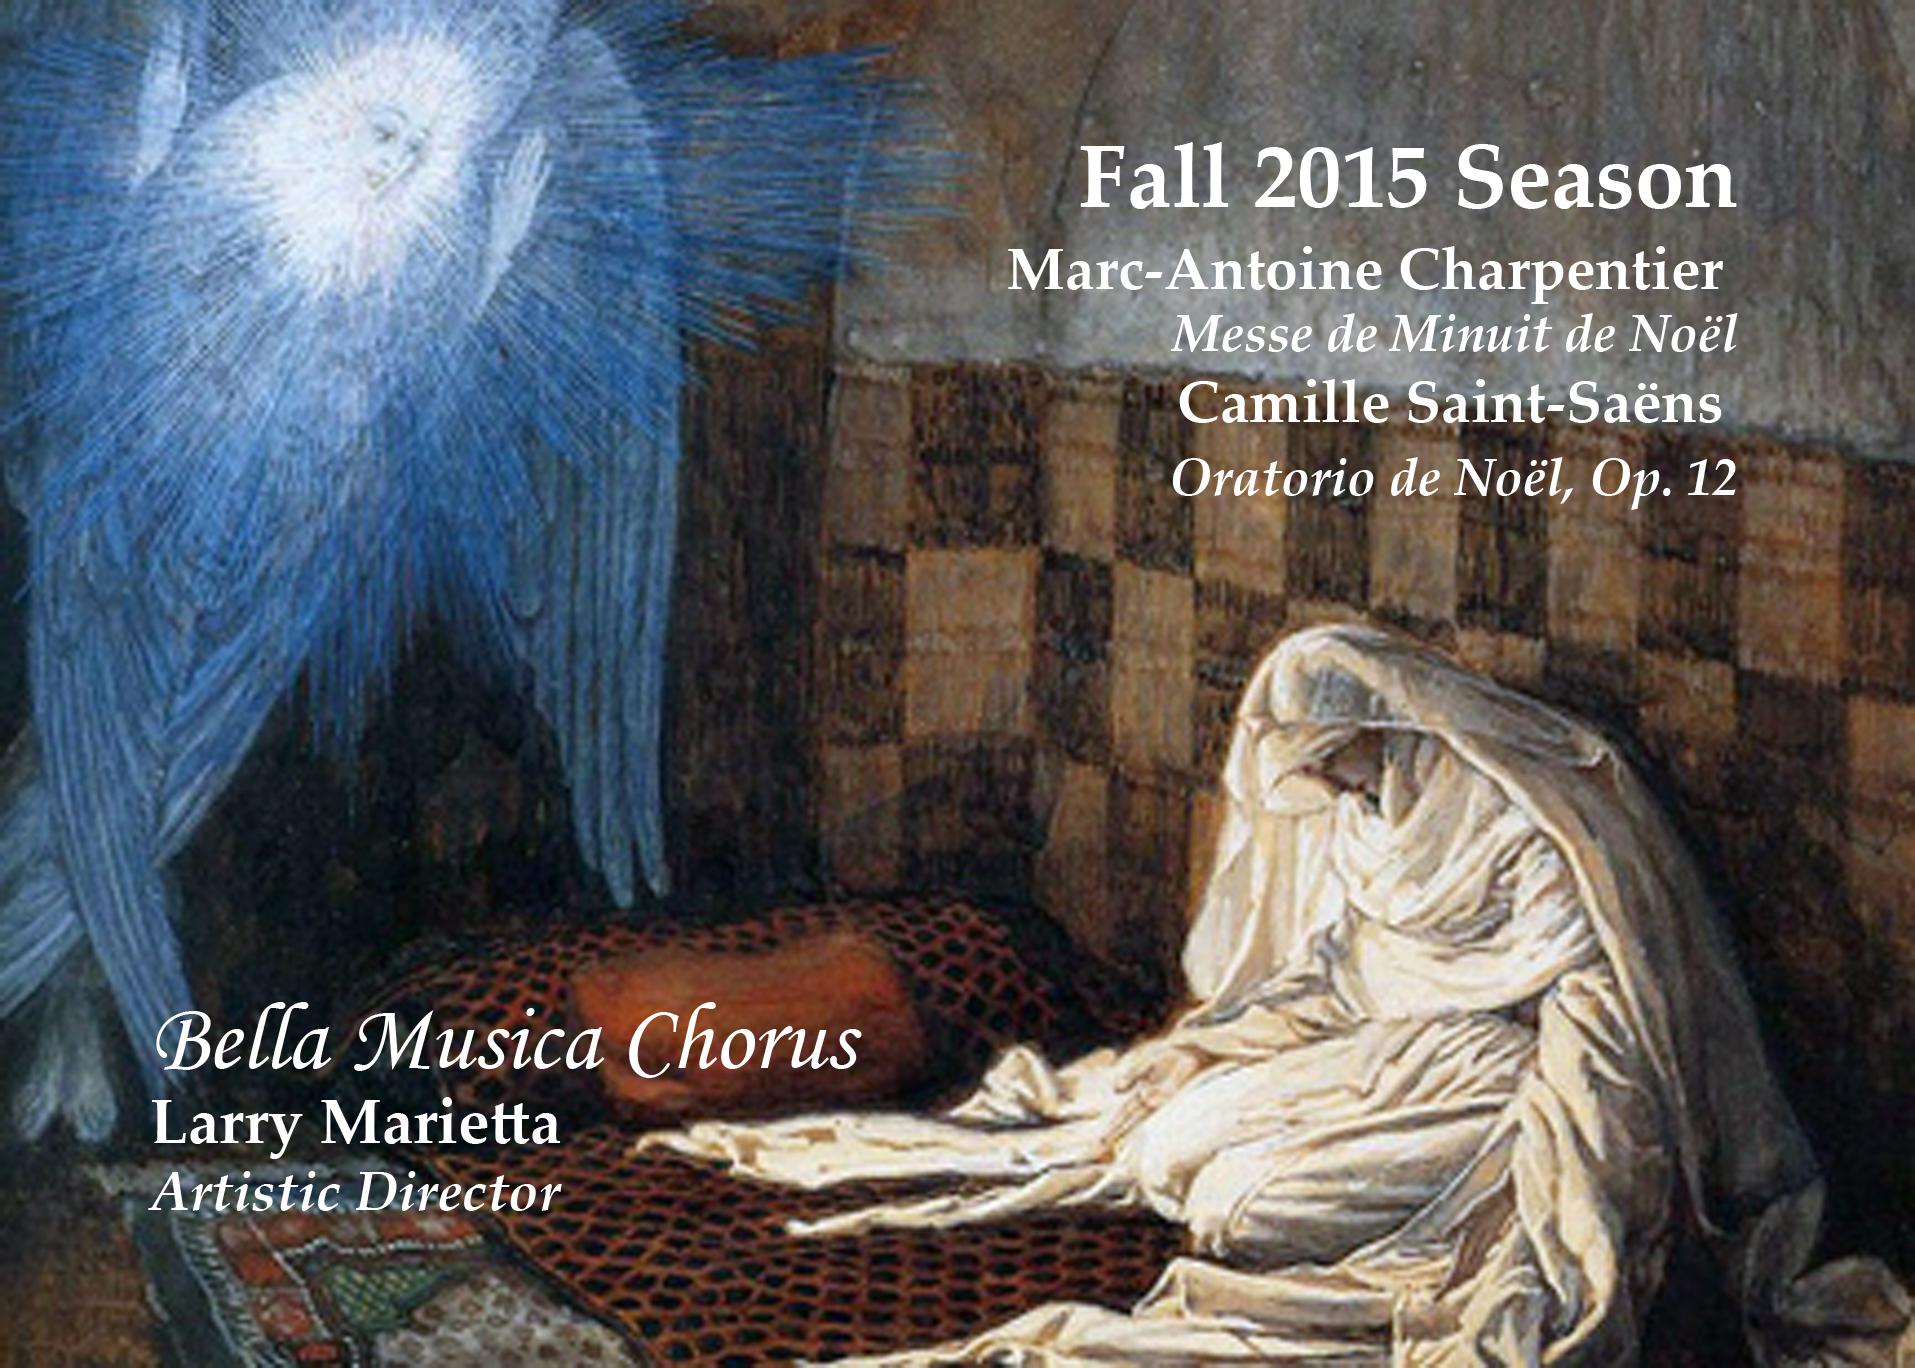 Fall 2015 Season Image